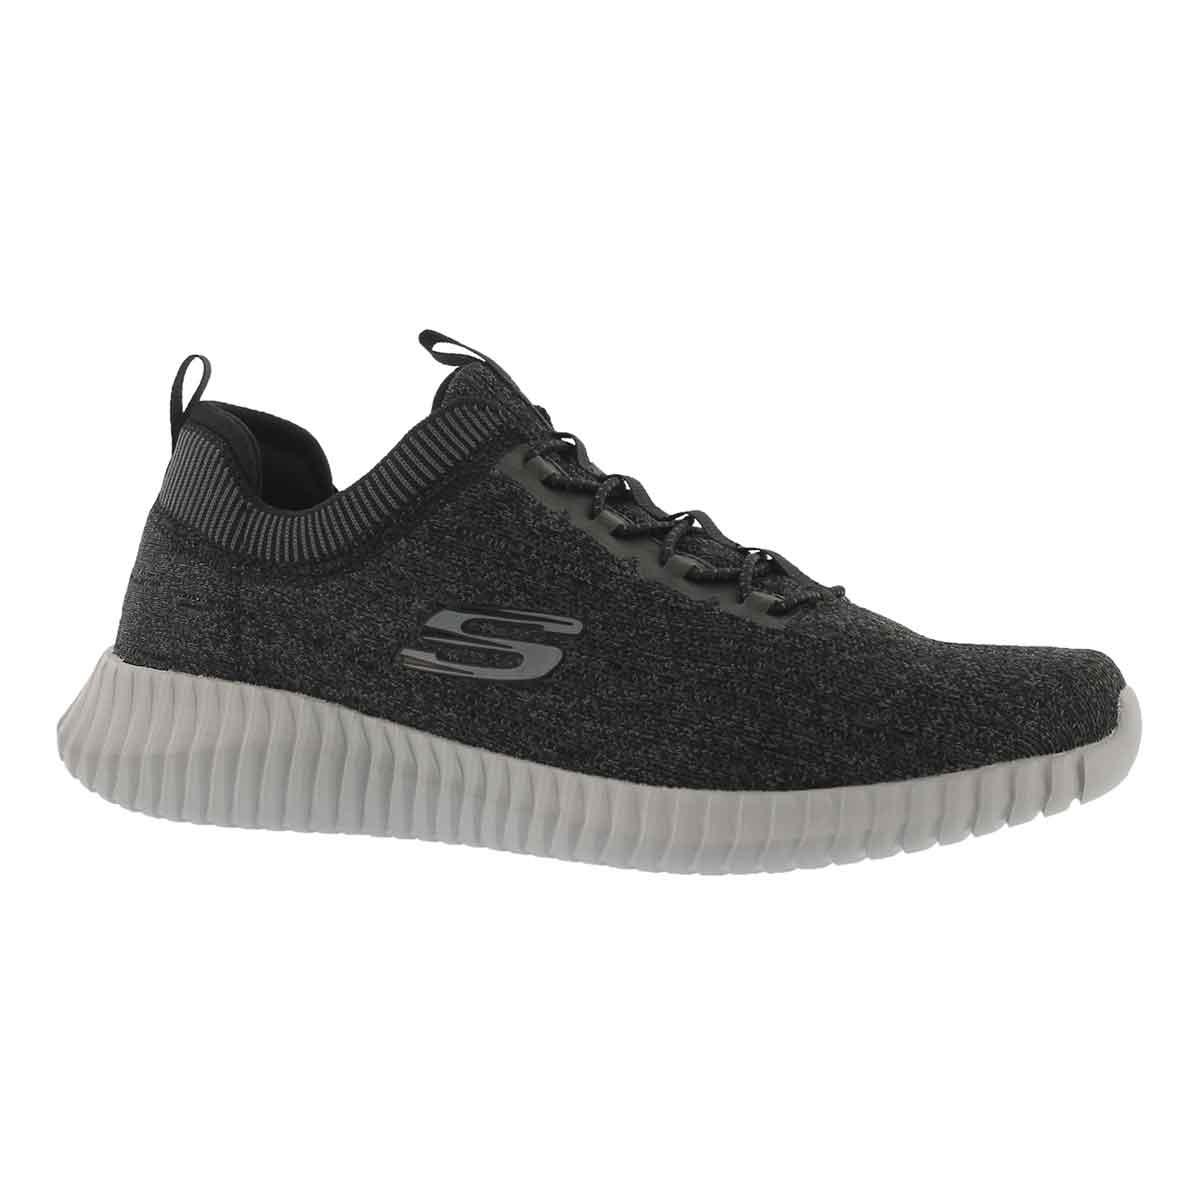 Men's ELITE FLEX HARTNELL bk/gy slip on sneakers